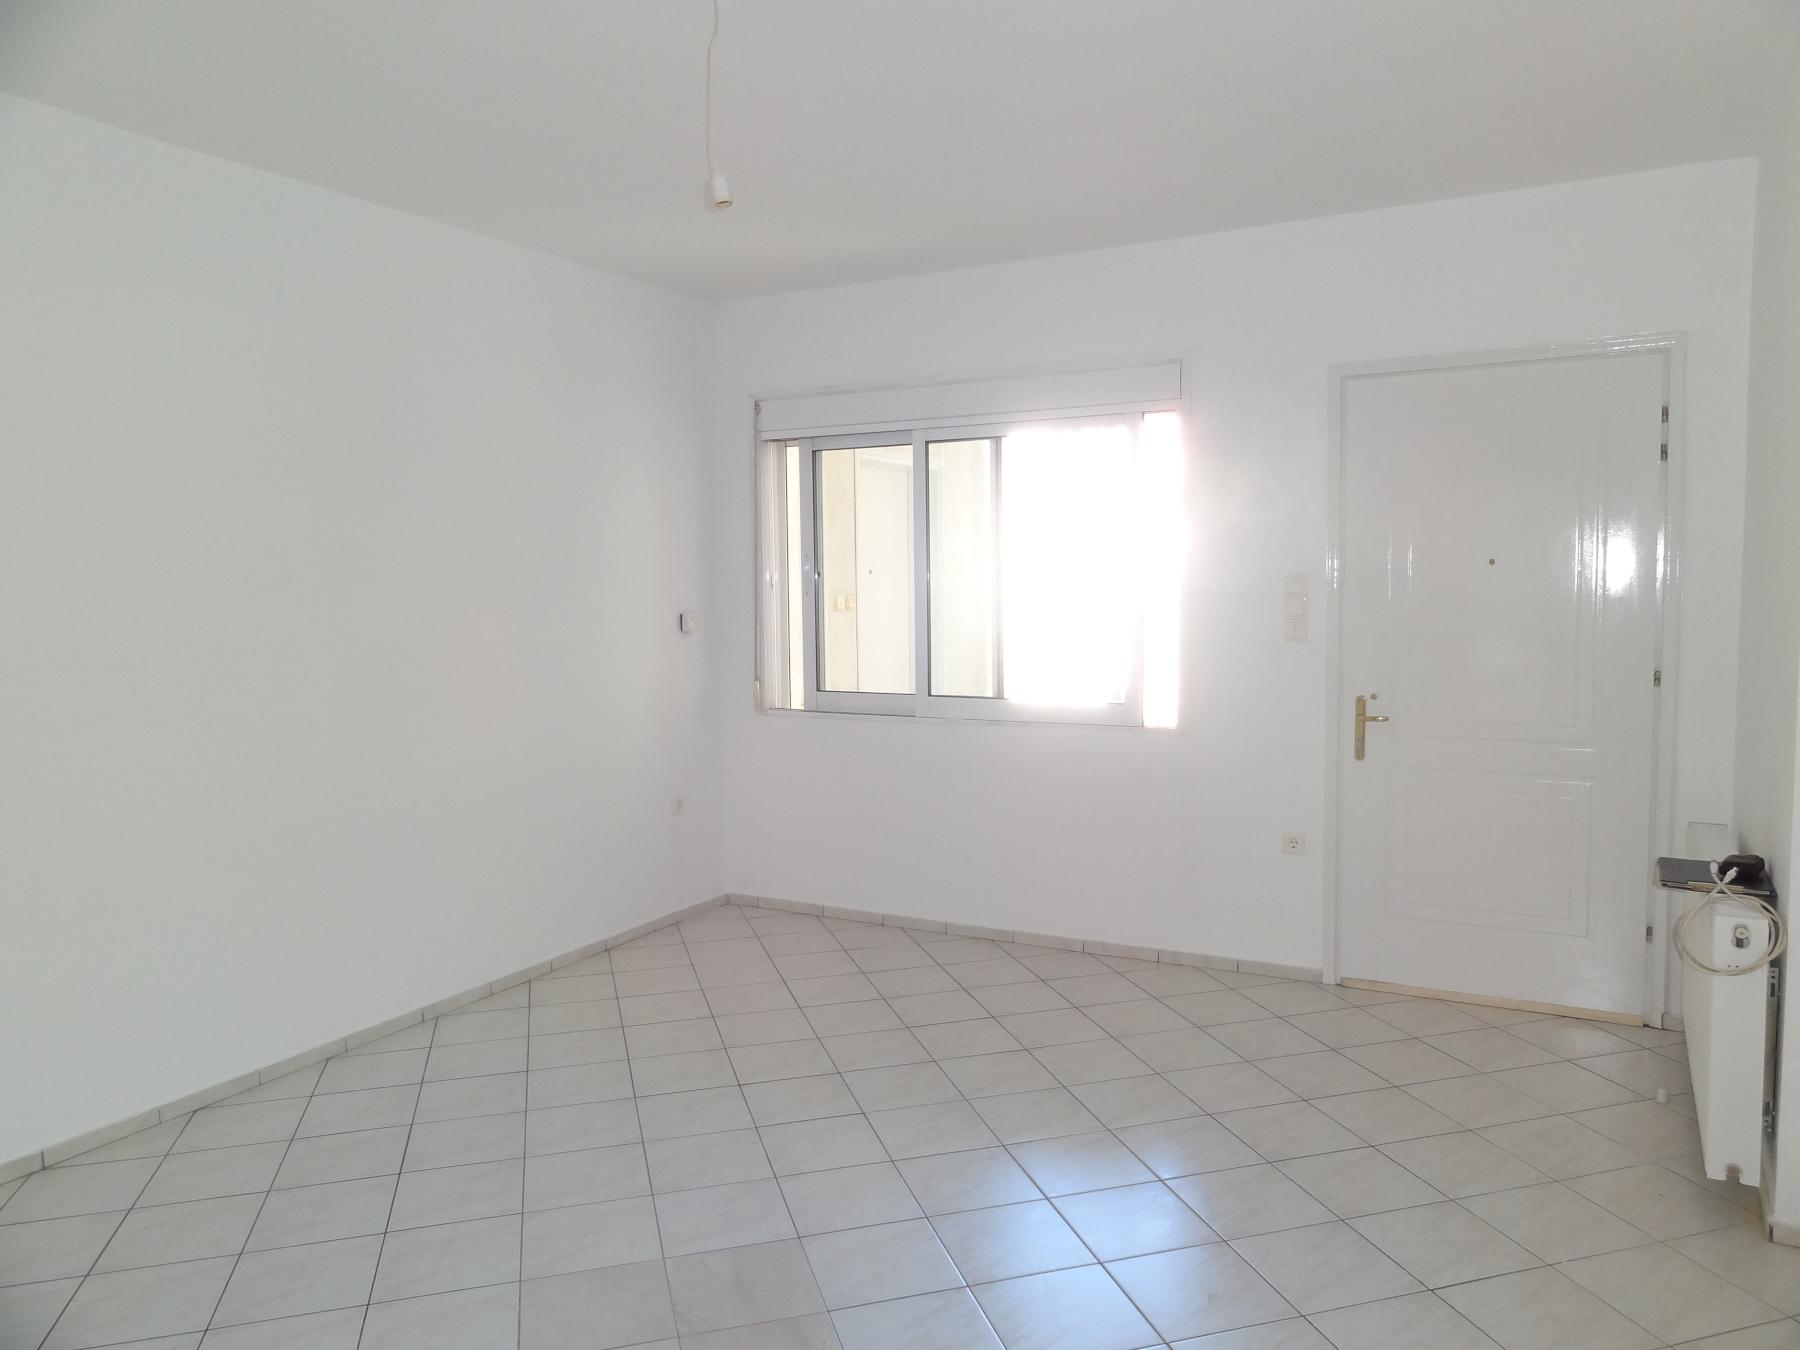 Ενοικιάζεται 2αρι διαμπερές διαμέρισμα 55 τ.μ. 1ου ορόφου κοντά στο κέντρο των Ιωαννίνων πλησίον της Λεωφόρου Δωδώνης